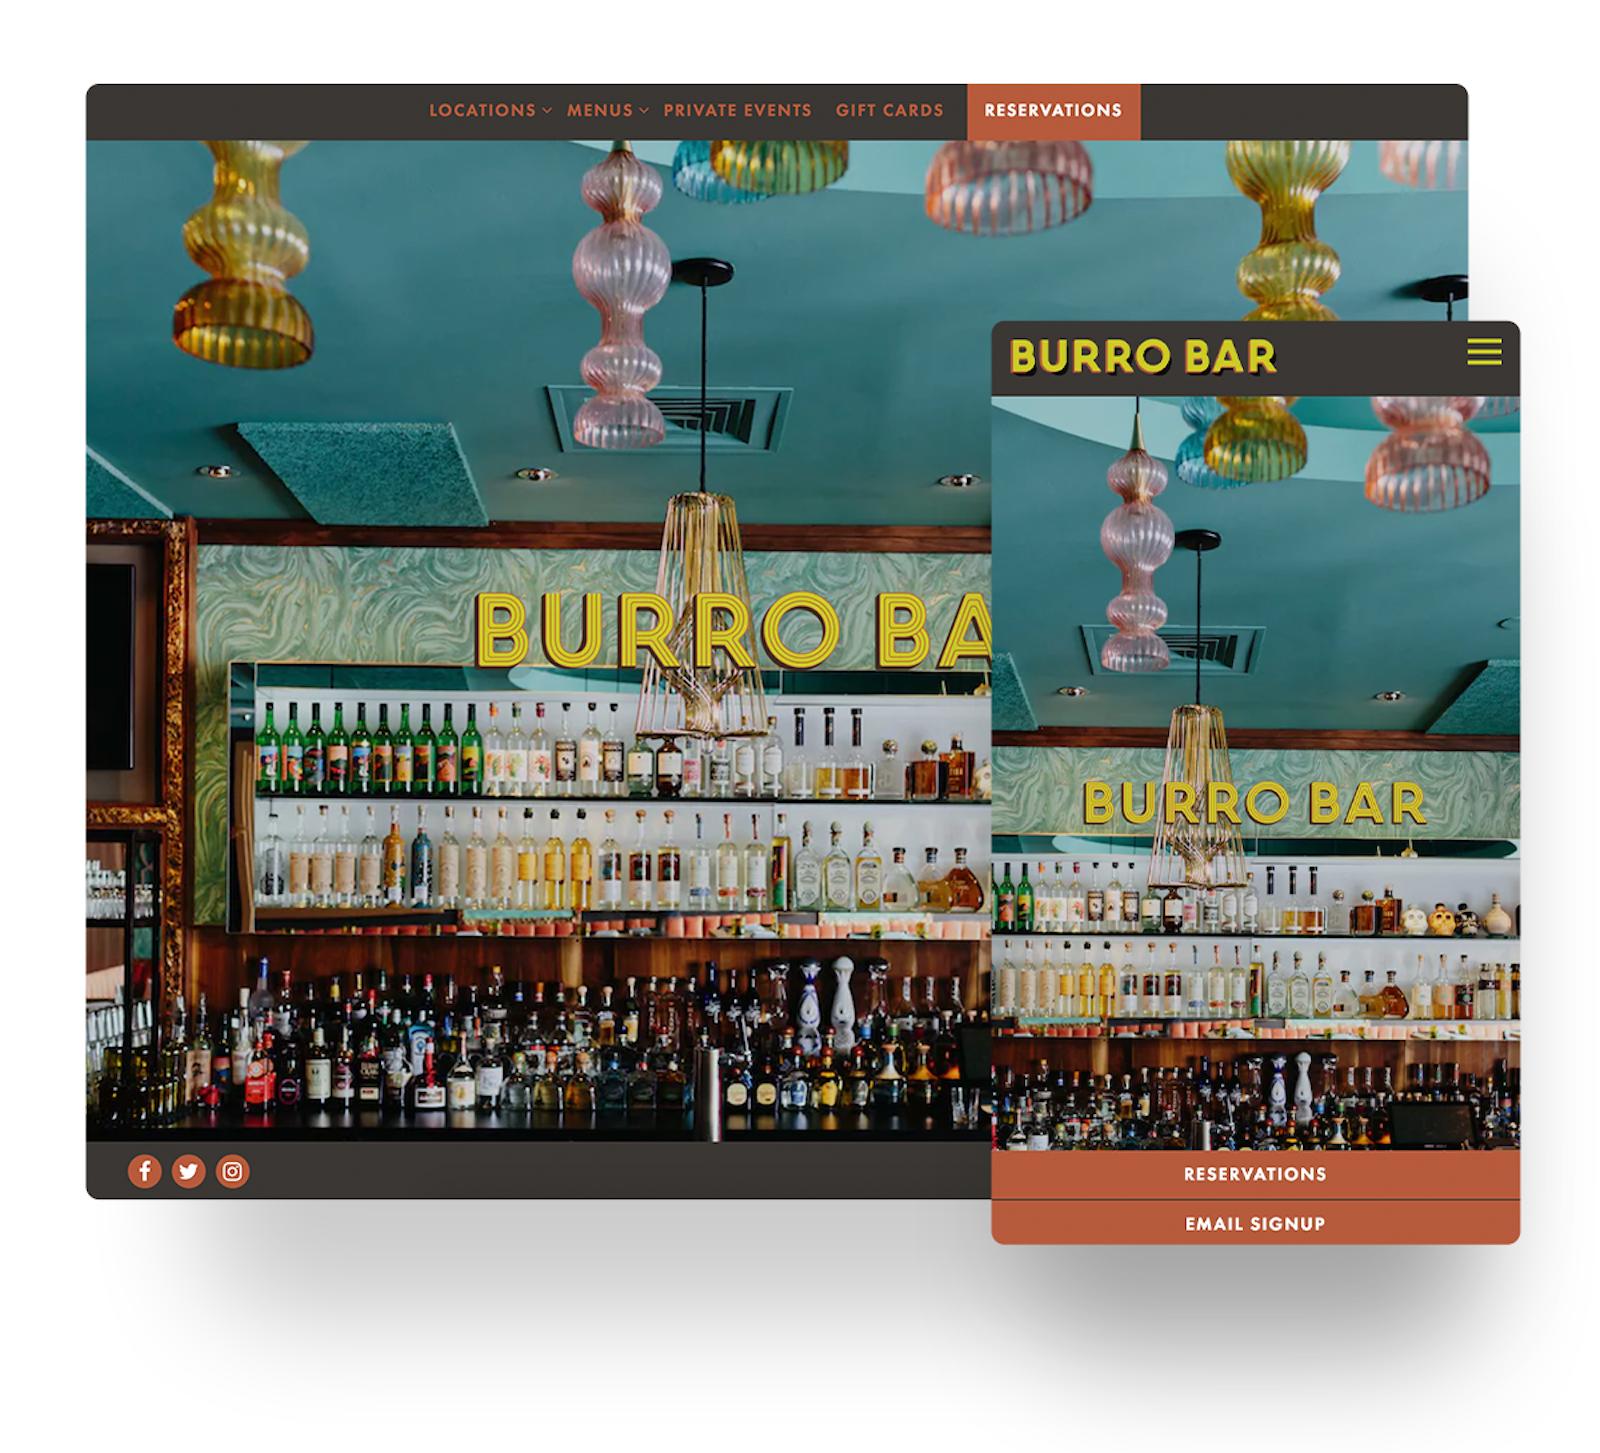 Burro Bar's website in mobile and desktop views